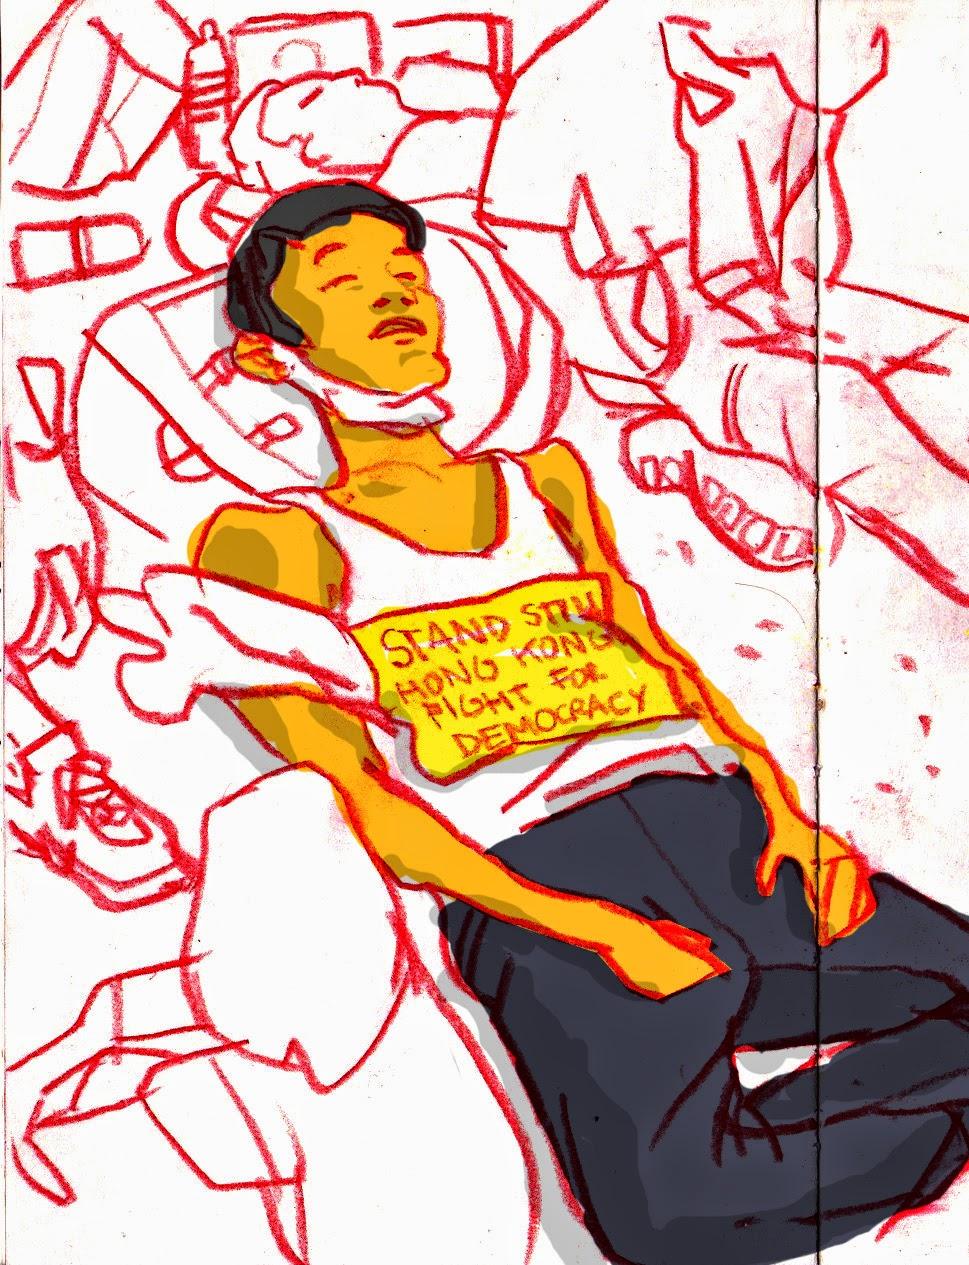 969x1265 Eyewitness Sketches Of Hong Kong Pro Democracy Protests Urban